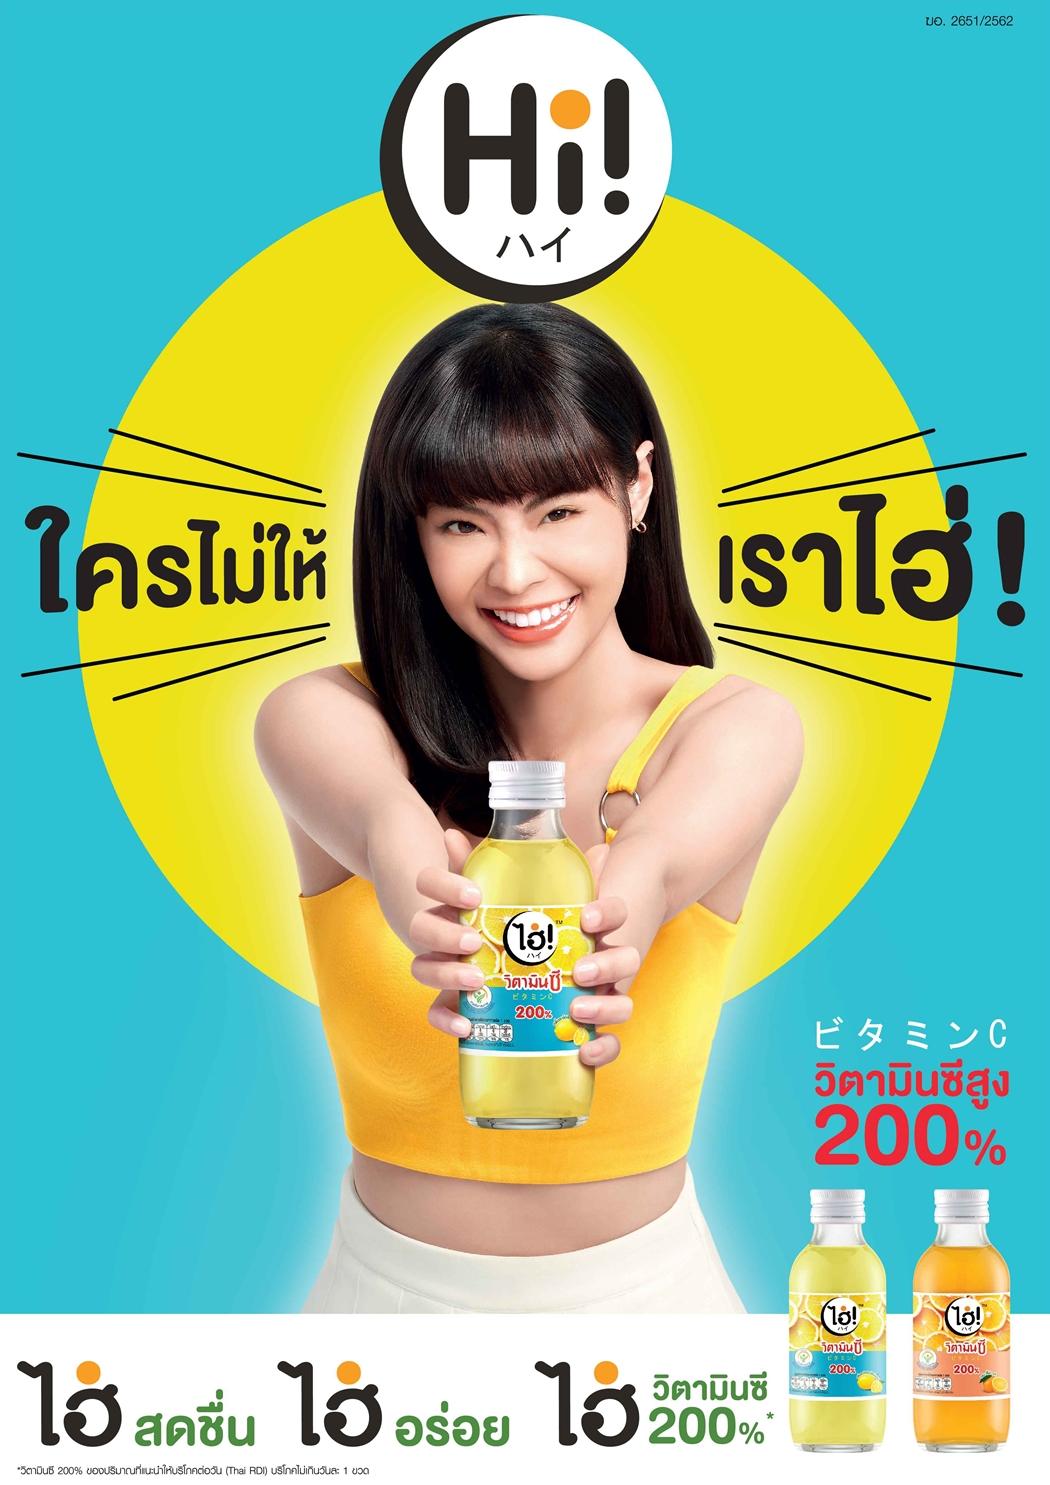 """กลุ่มธุรกิจ TCP เปิดตัว """"ไฮ่!"""" เครื่องดื่มวิตามินซี 200% สดชื่นสไตล์ญี่ปุ่น เจาะตลาดสาวๆที่ใส่ใจสุขภาพ"""